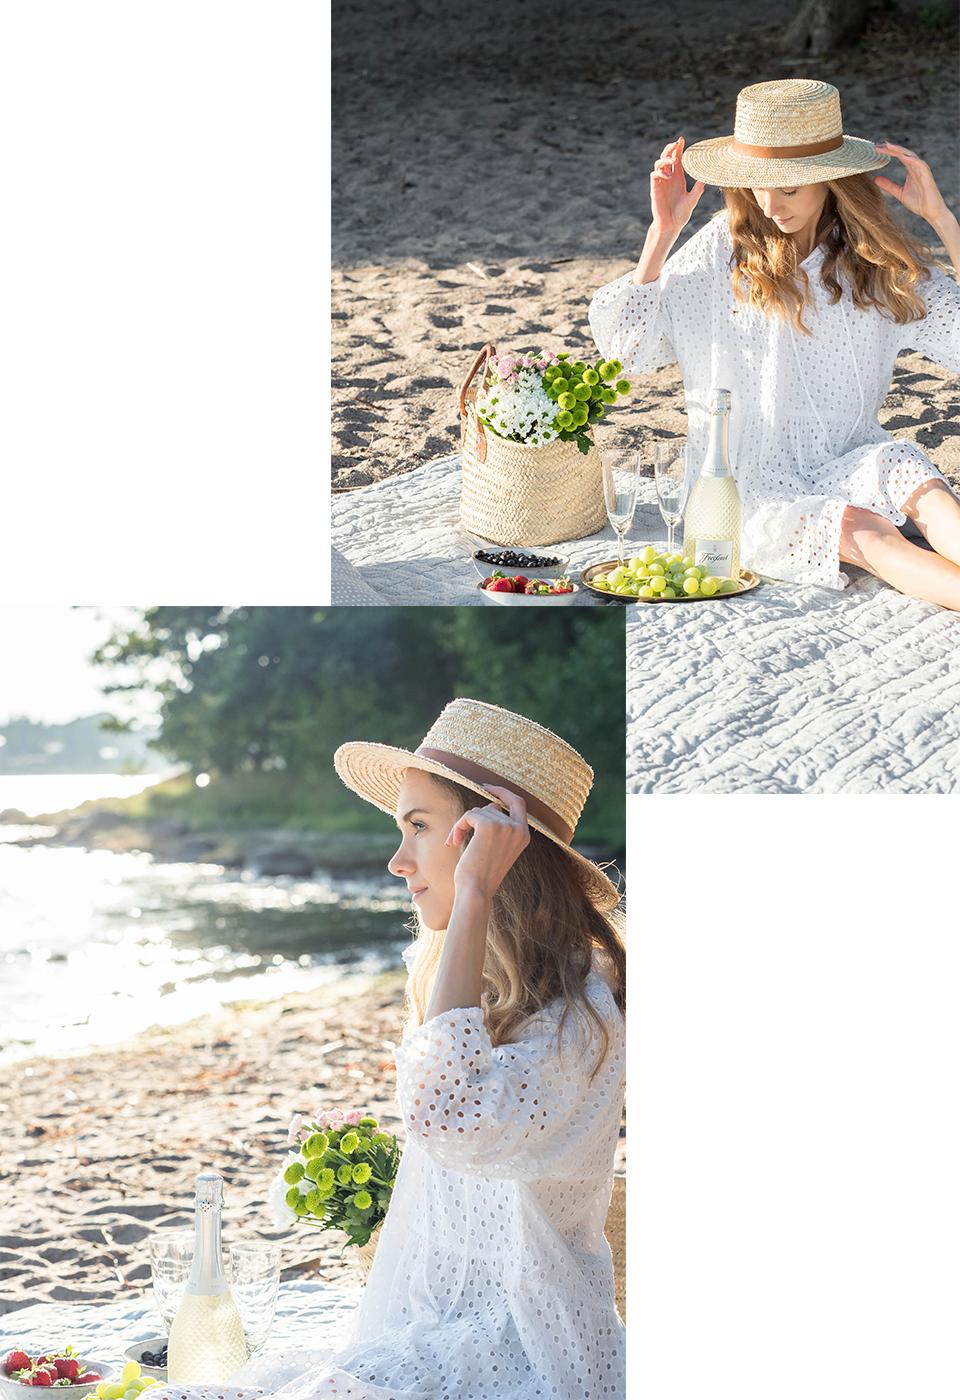 Woman on a beach, white dress, straw hat, prosecco, picnic - Nainen rannalla, valkoinen kesämekko, olkihattu, piknik, kuohuviini